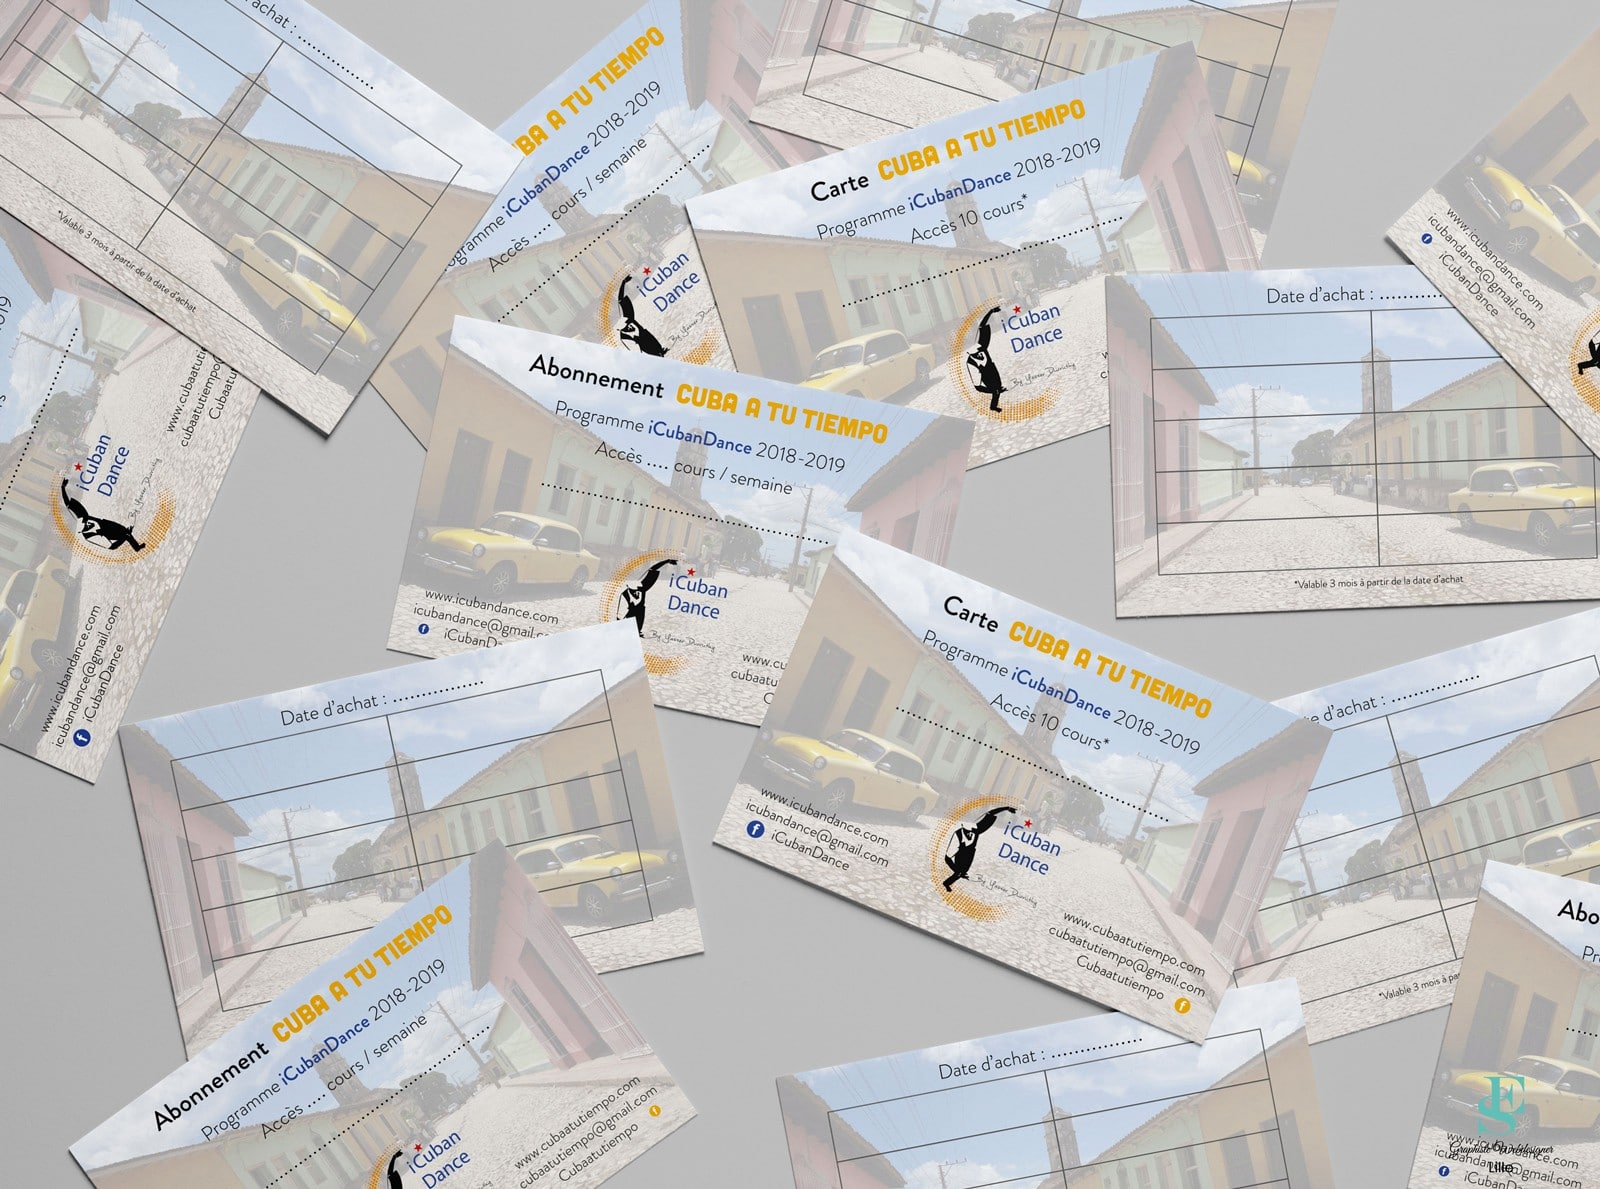 Cartes d'abonnements iCubanDance